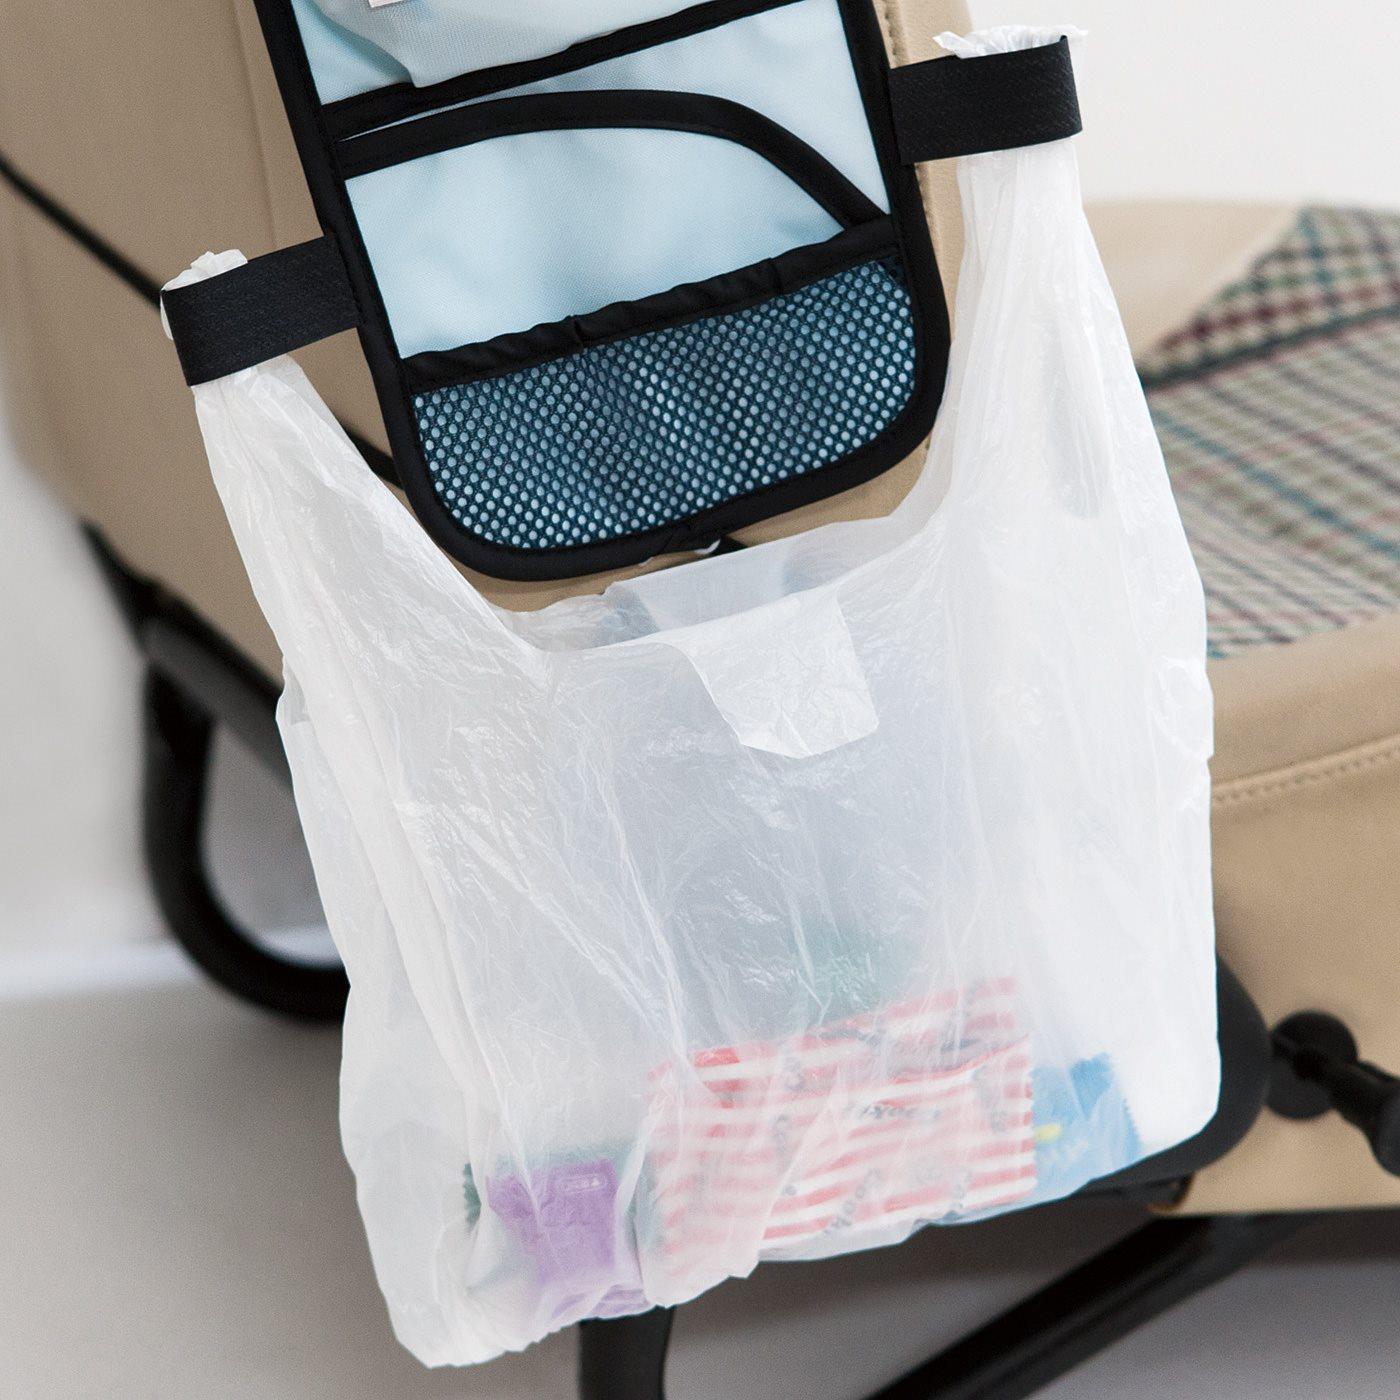 袋を広げてぶら下げられるループ付き。ごみが散らかりません。